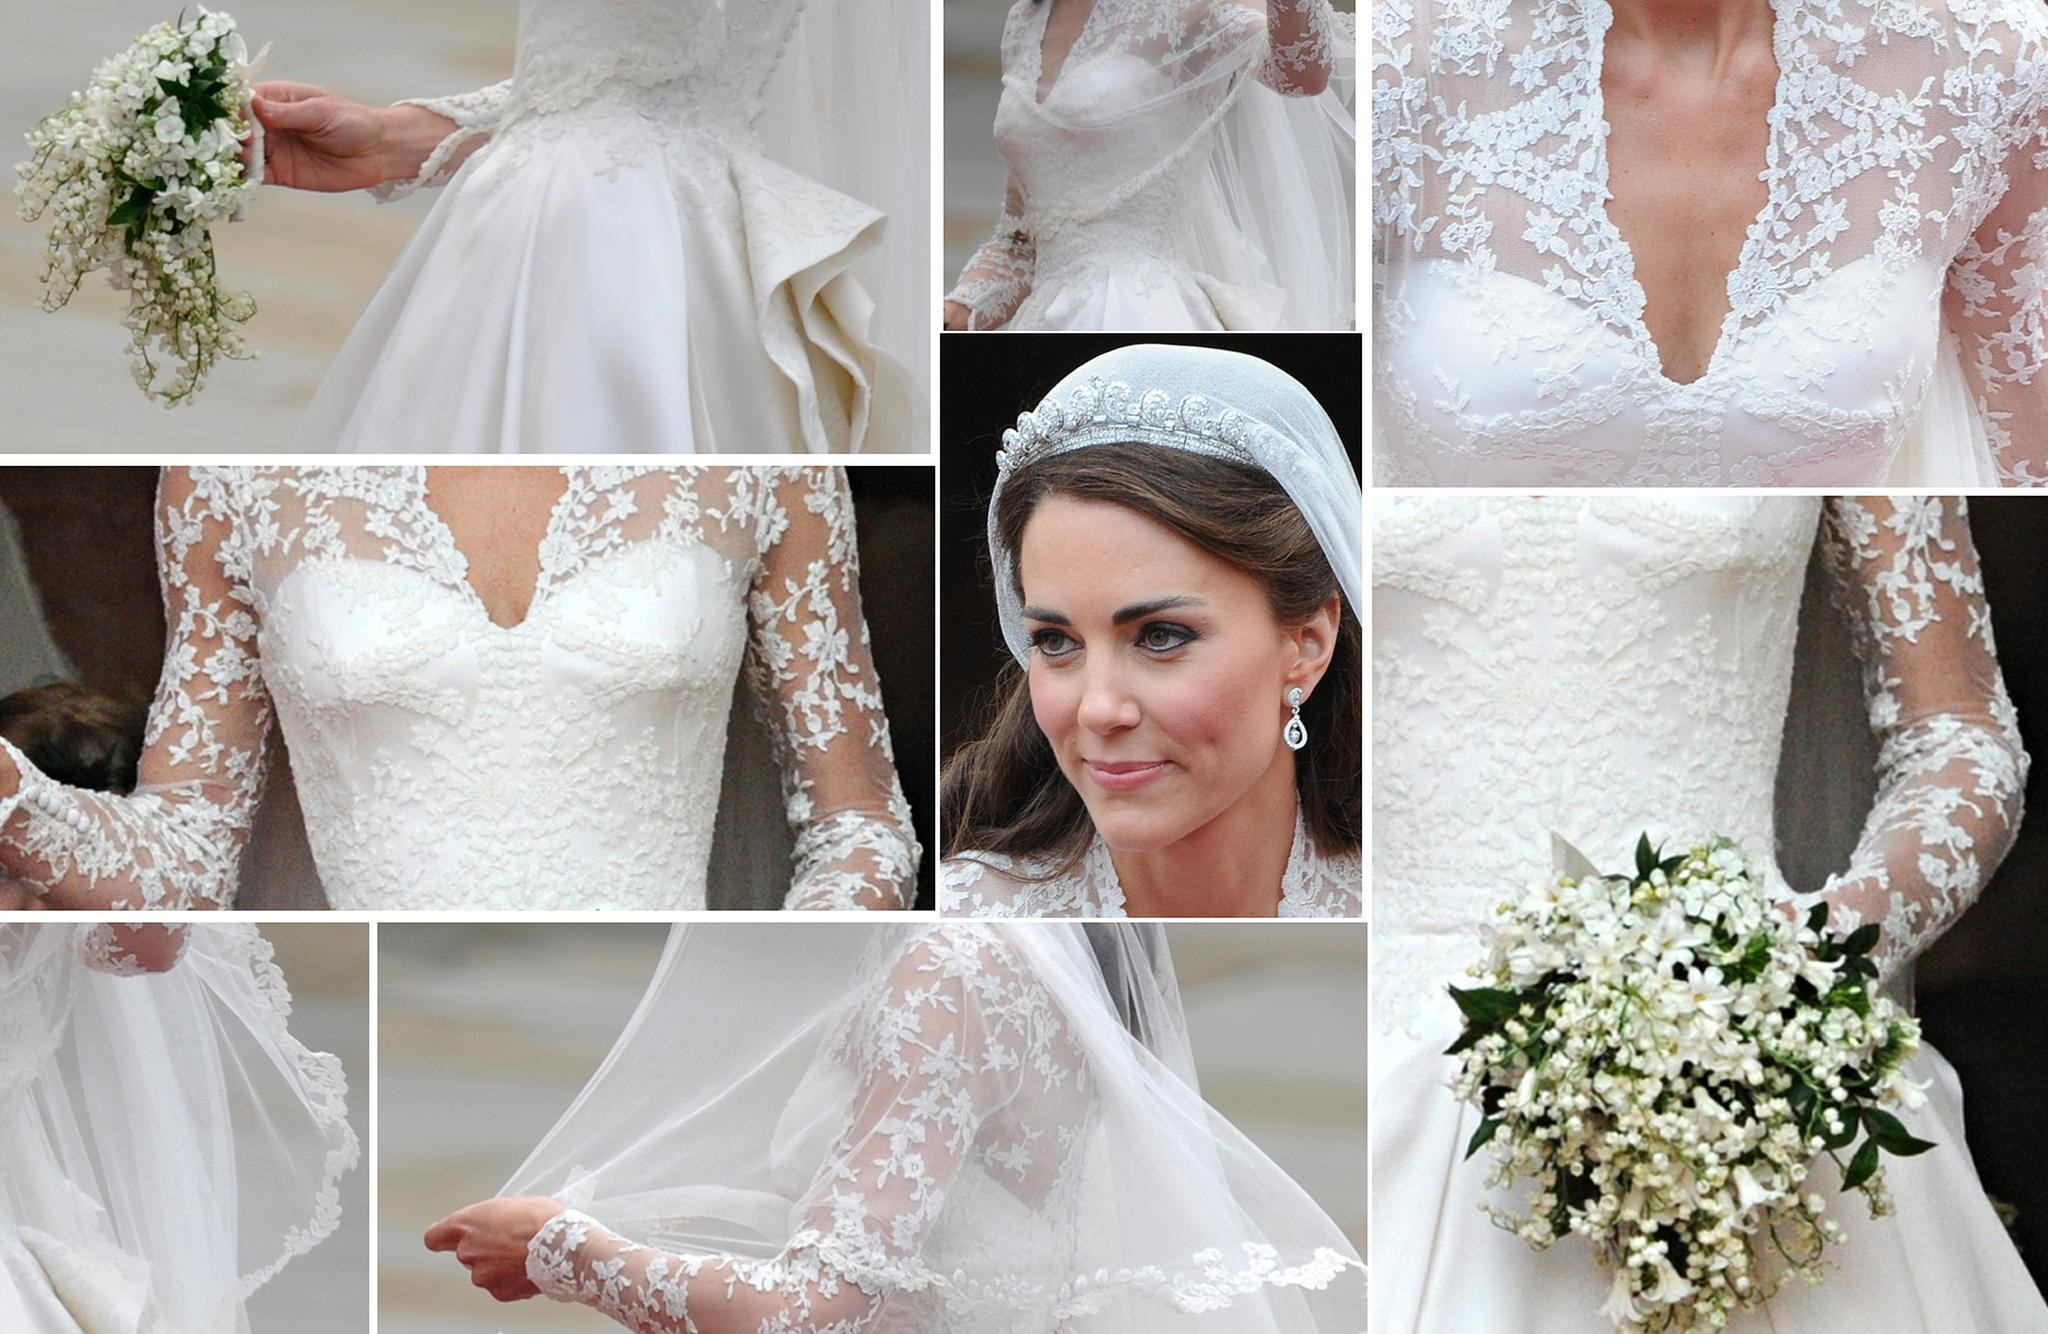 Herzogin Catherine: Ihr Brautkleid Wird Von H&m Kopiert